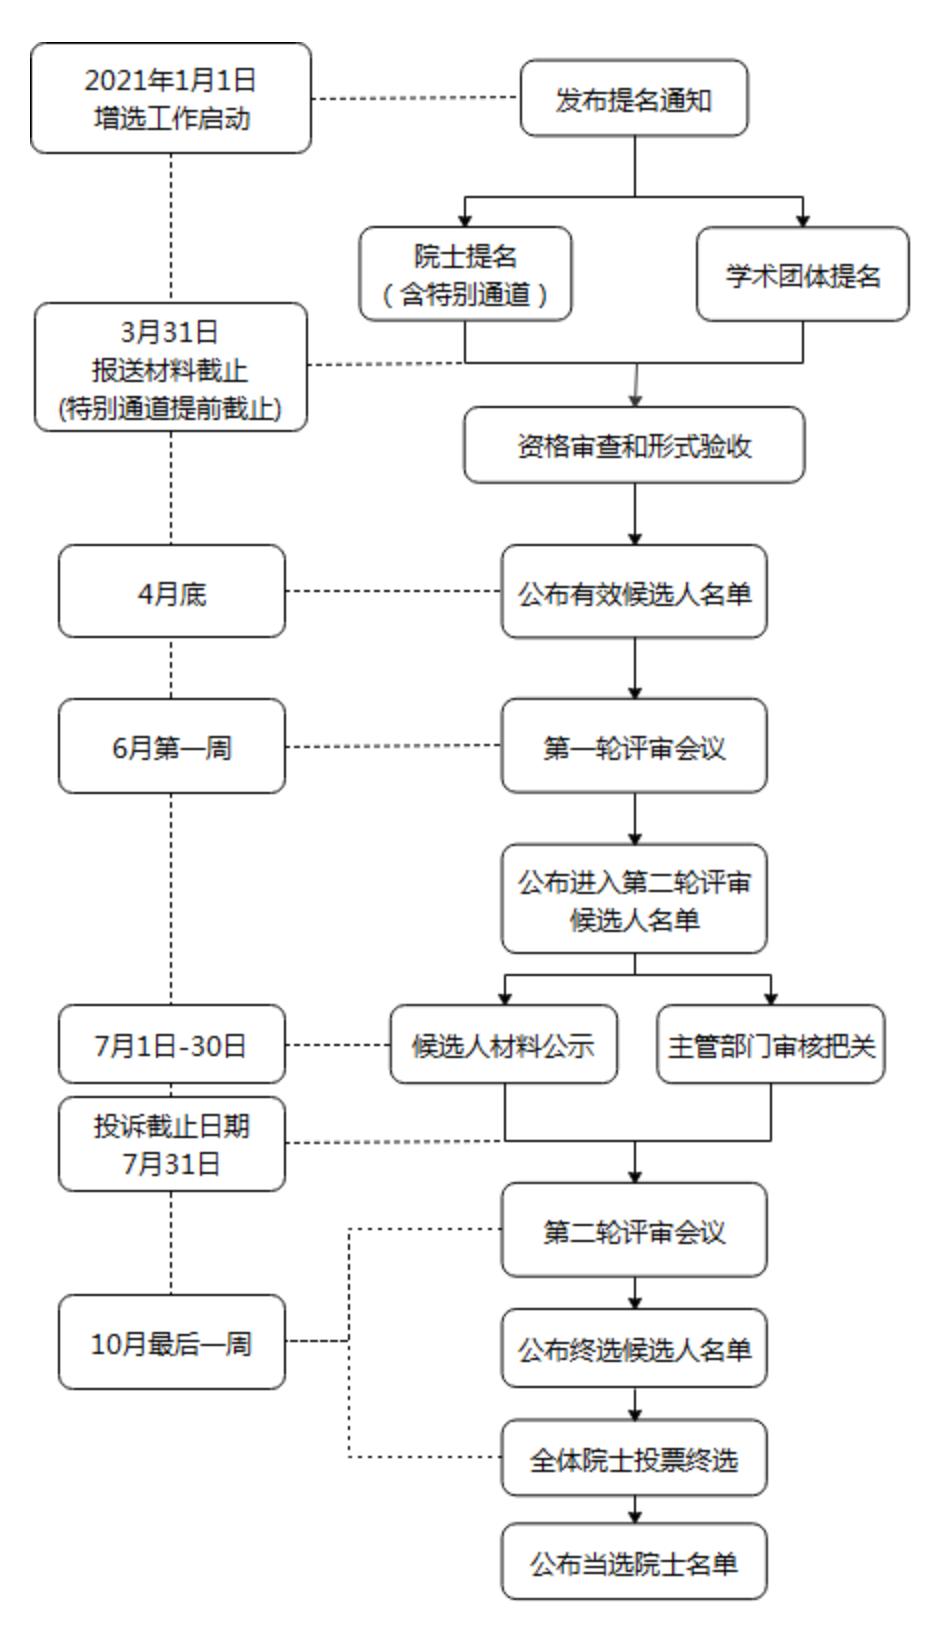 来源:中国工程院官网